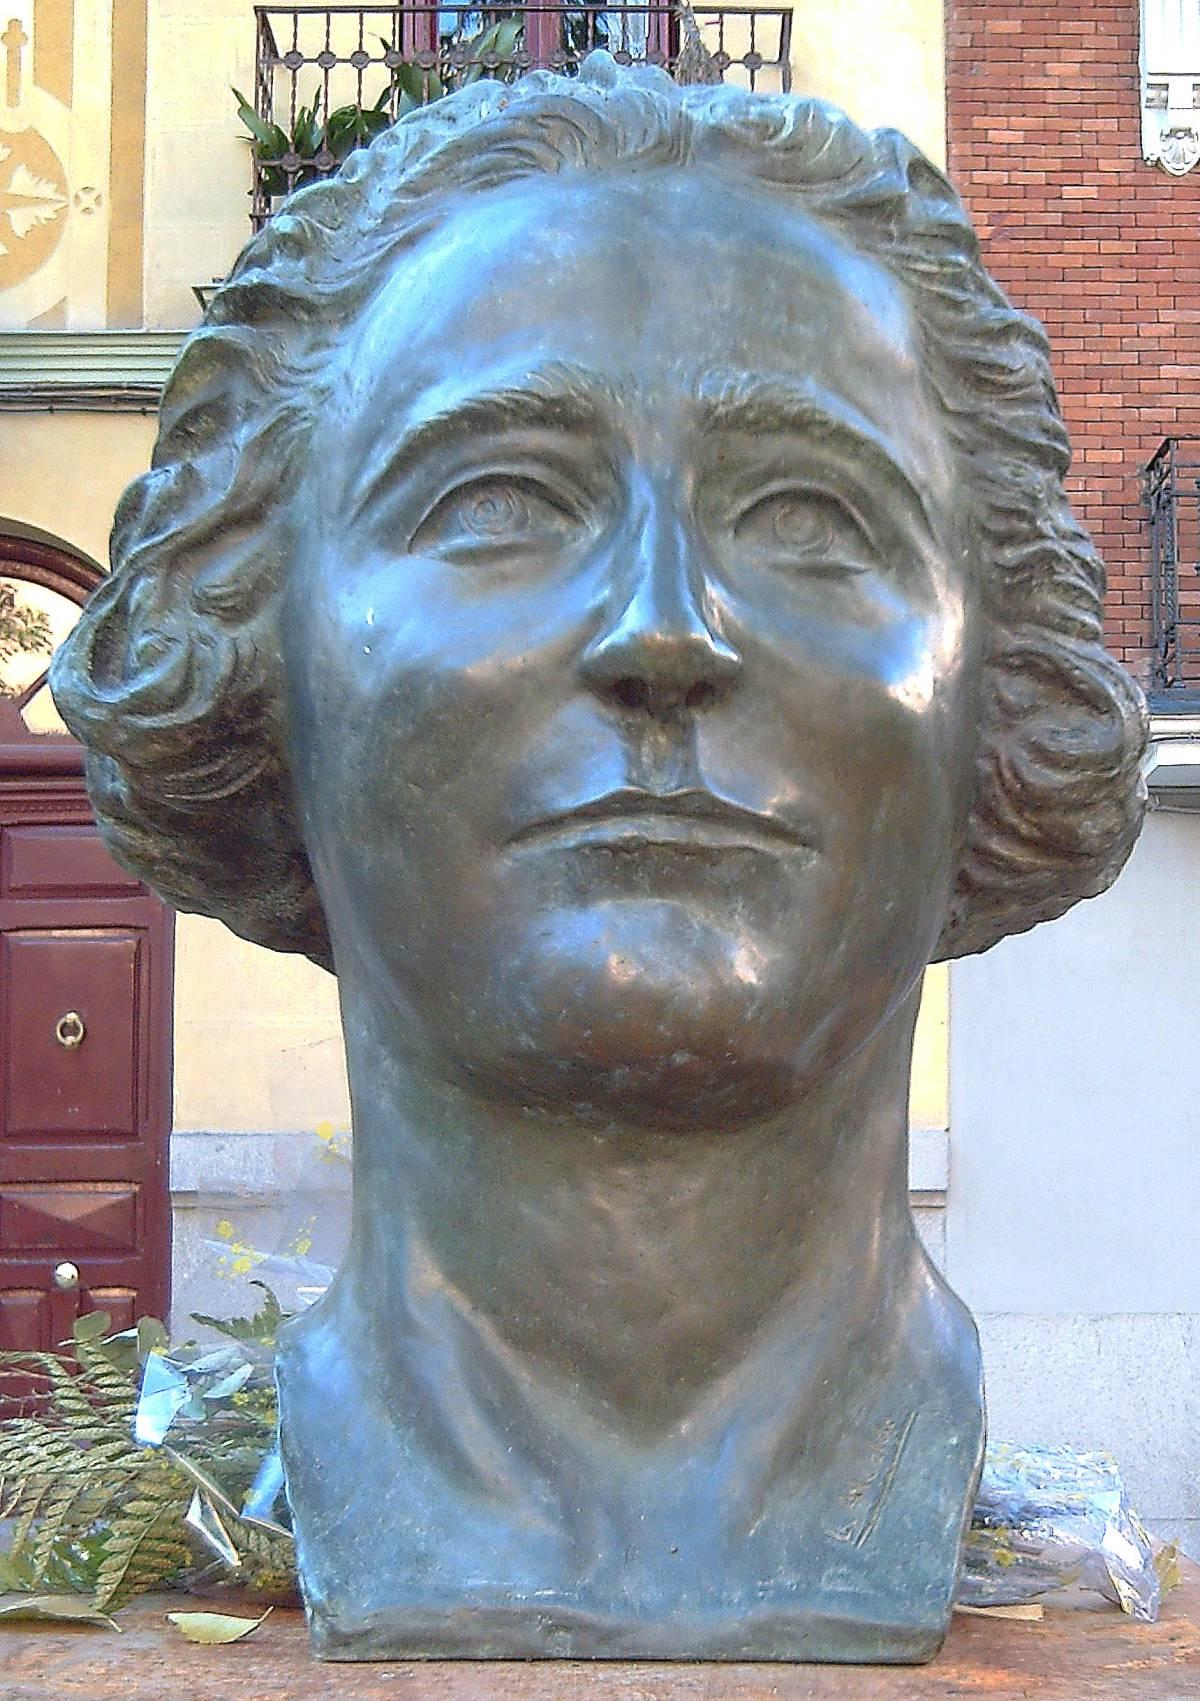 15724f90d Robado el busto de Clara Campoamor en Malasaña